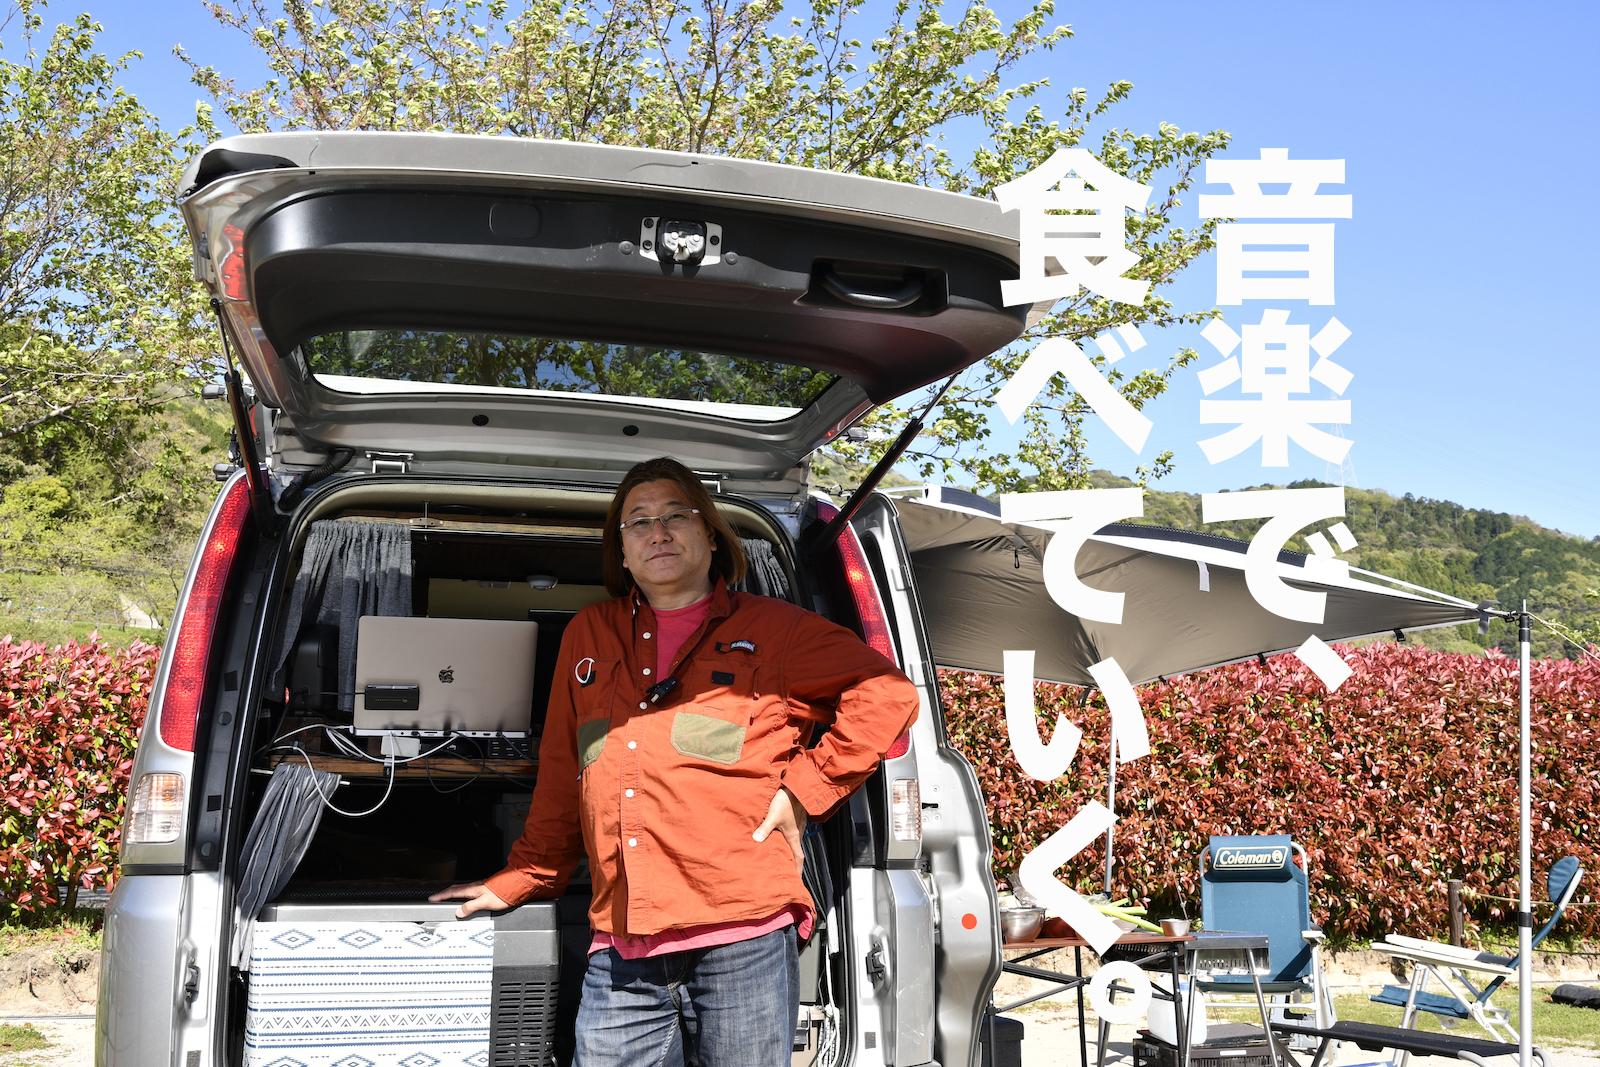 【音楽で食べていく002】メジャーデビューからスタジオ運営、そして車中泊レコーディングを極める末松孝久さん(後編)